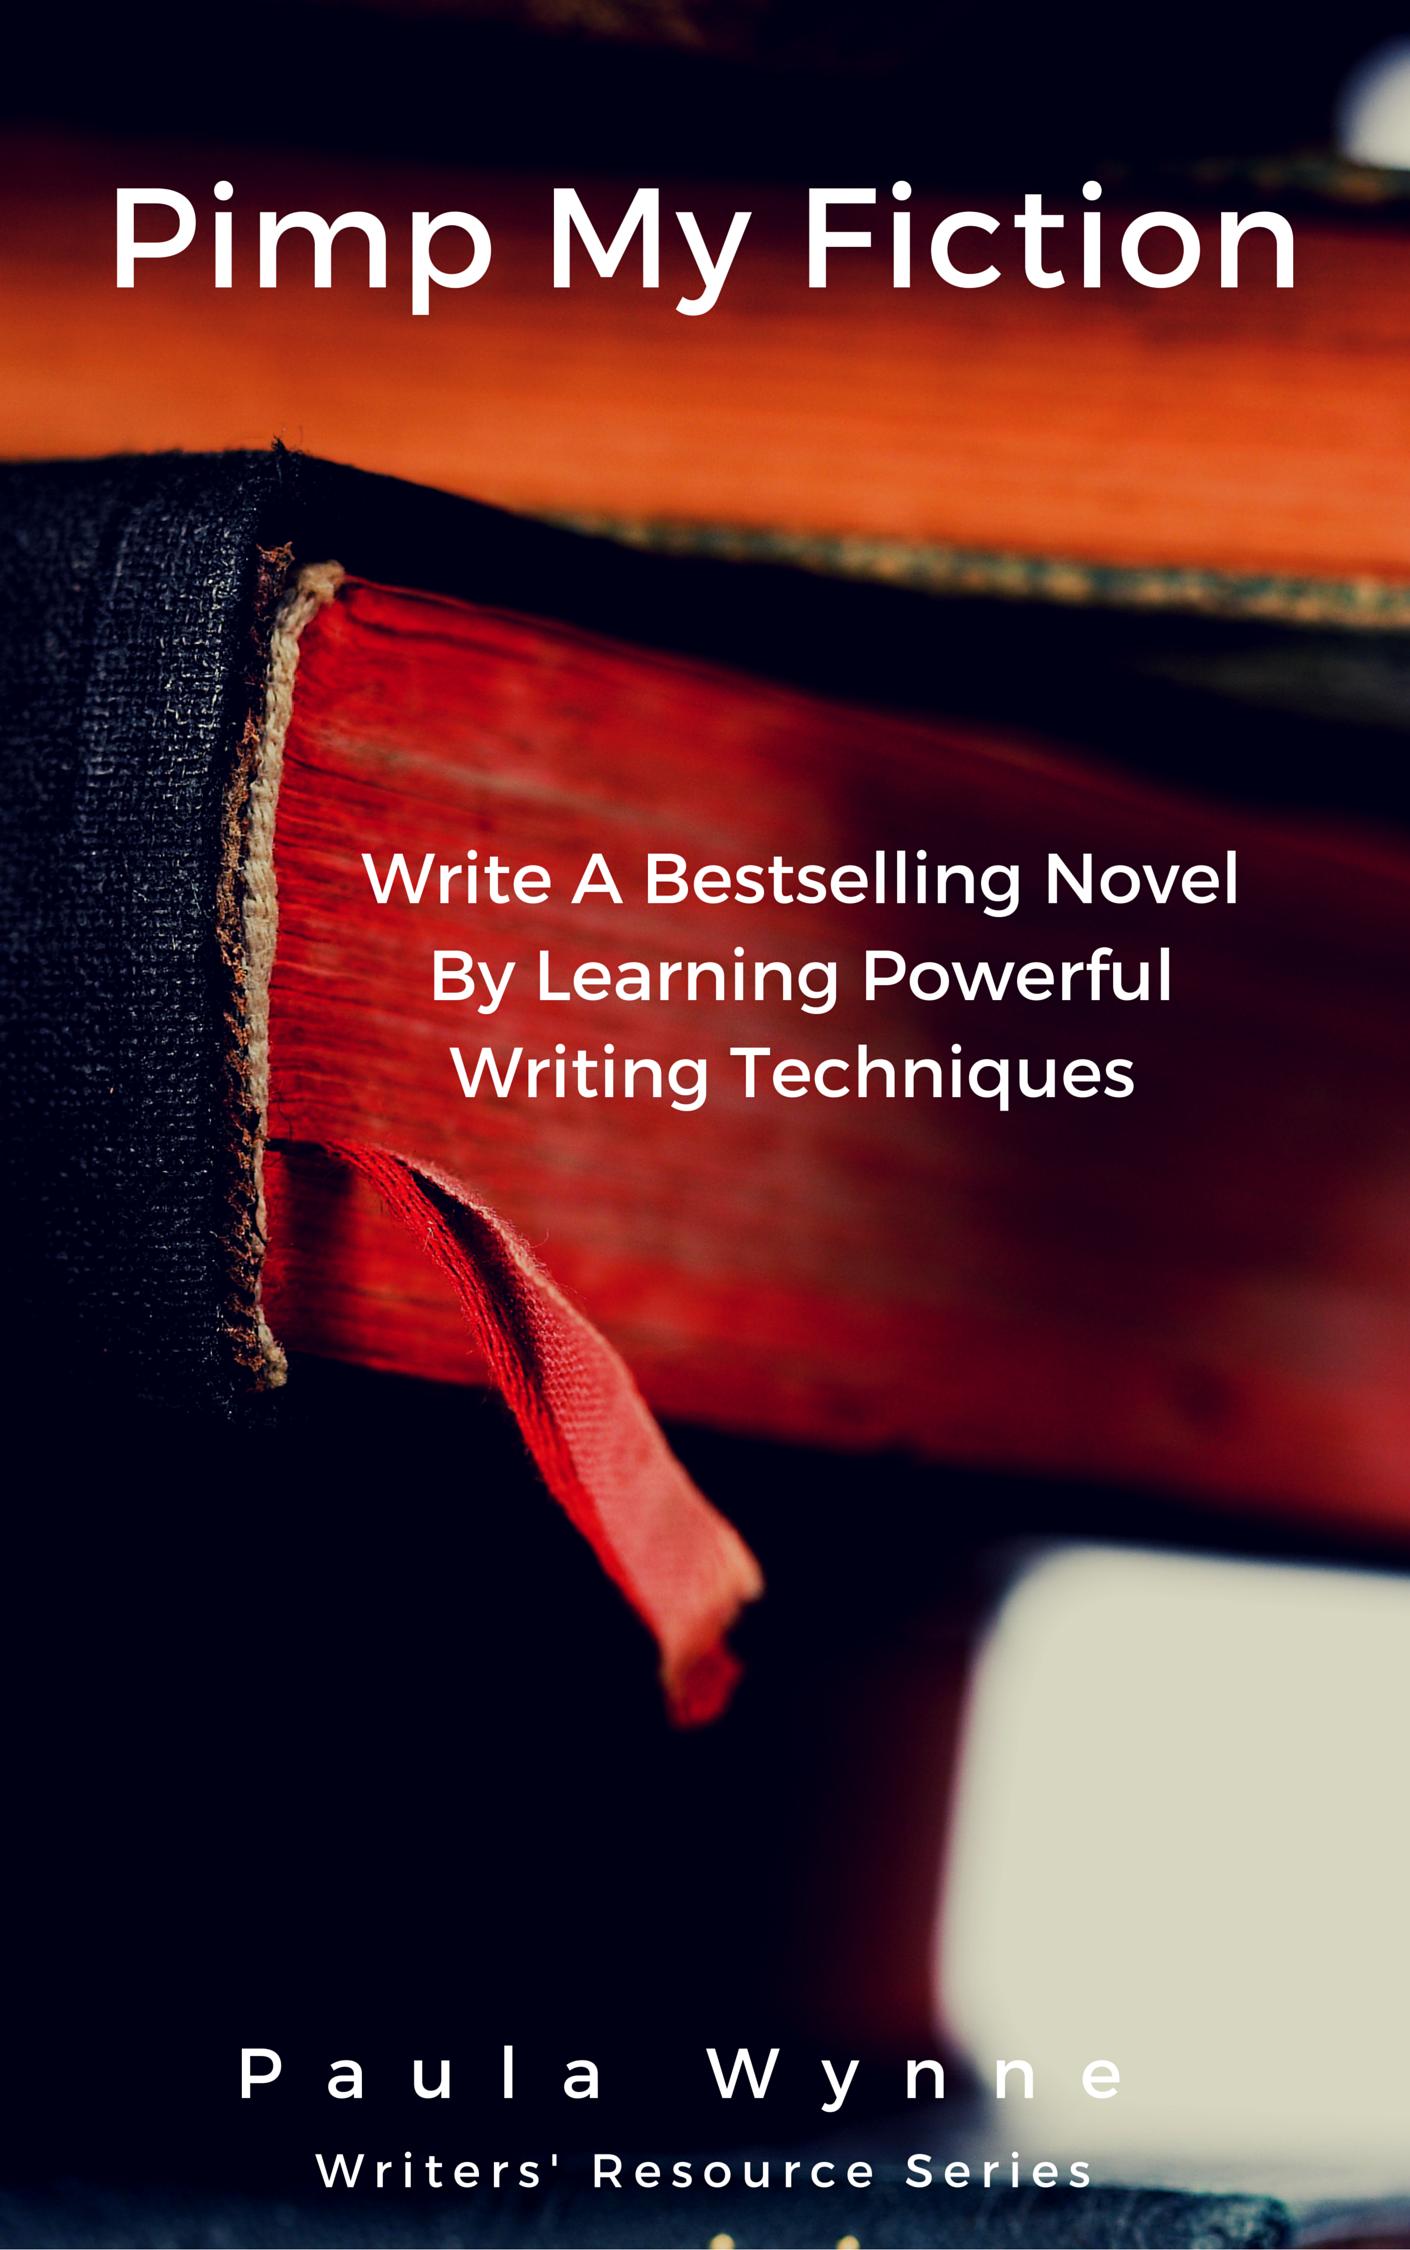 smashwords \u2013 pimp my fiction write a bestselling novel by learningpimp my fiction write a bestselling novel by learning powerful writing techniques